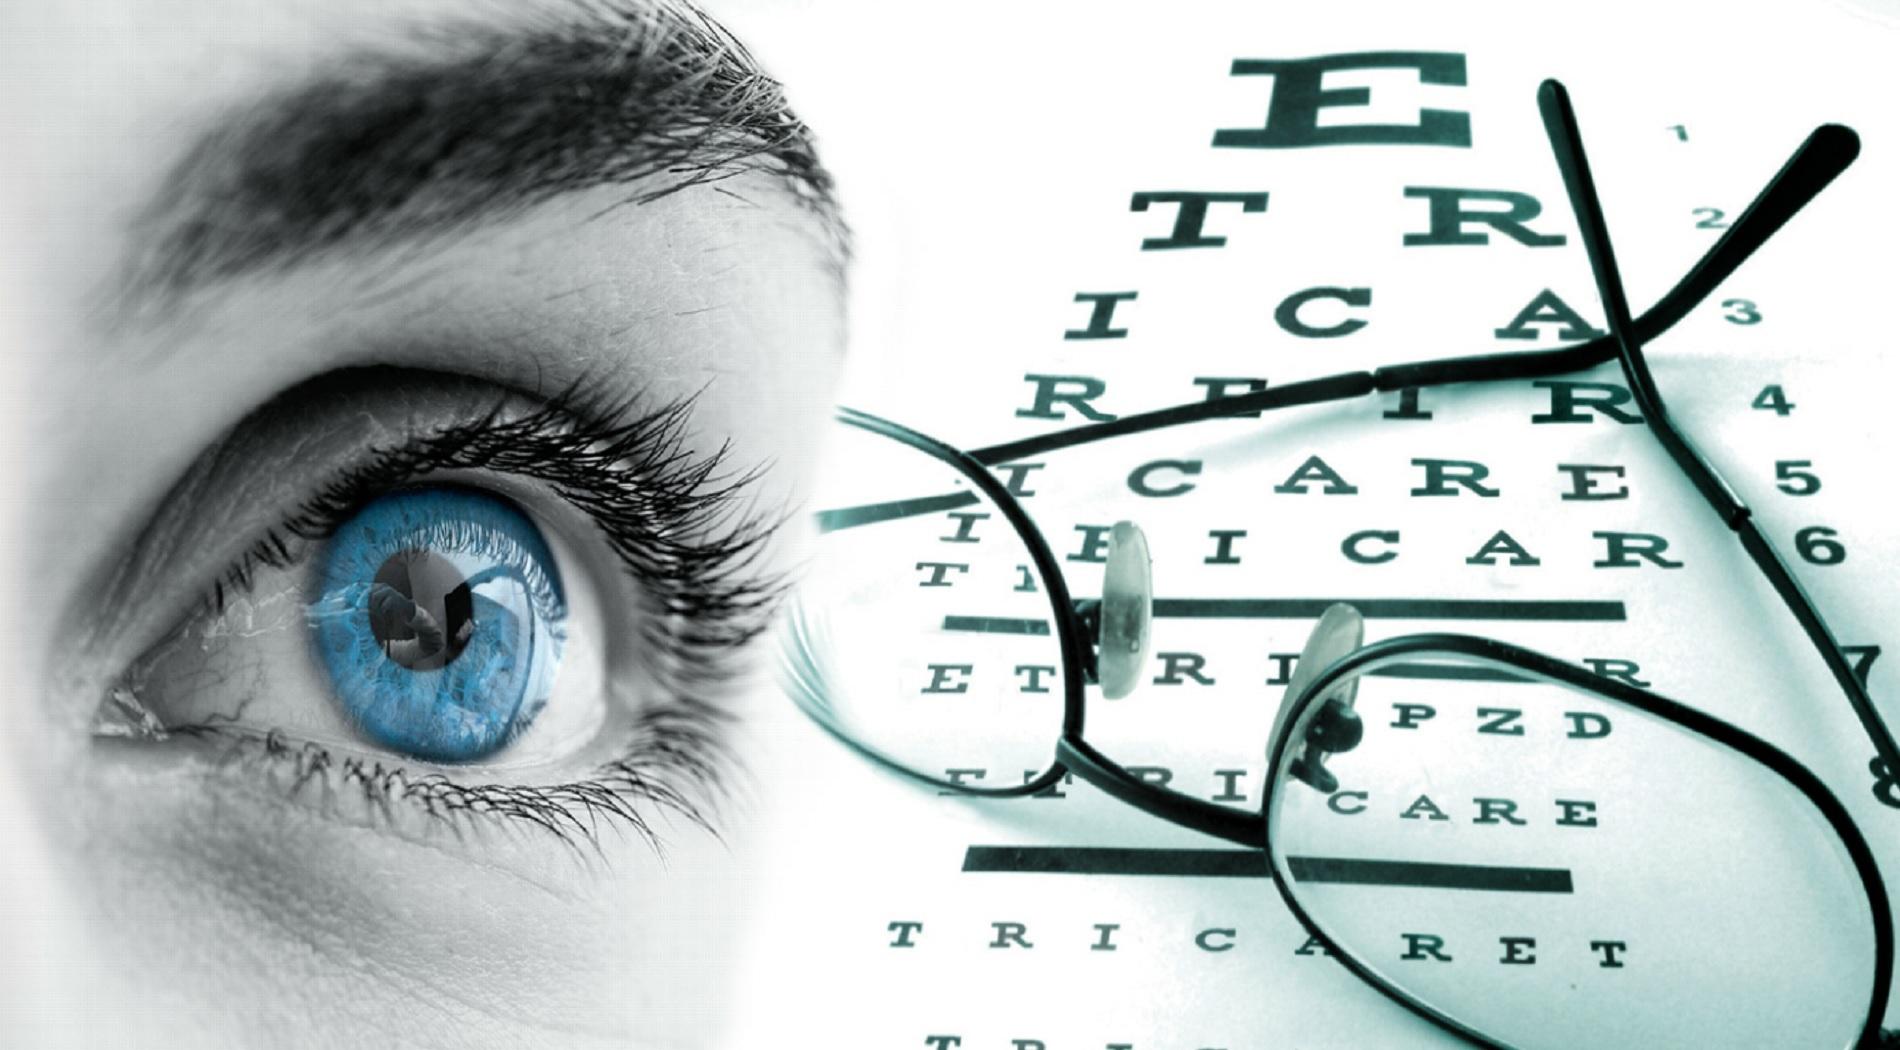 Πρωτοποριακό όργανο υψηλής ακρίβειας για τους οφθαλμίατρους